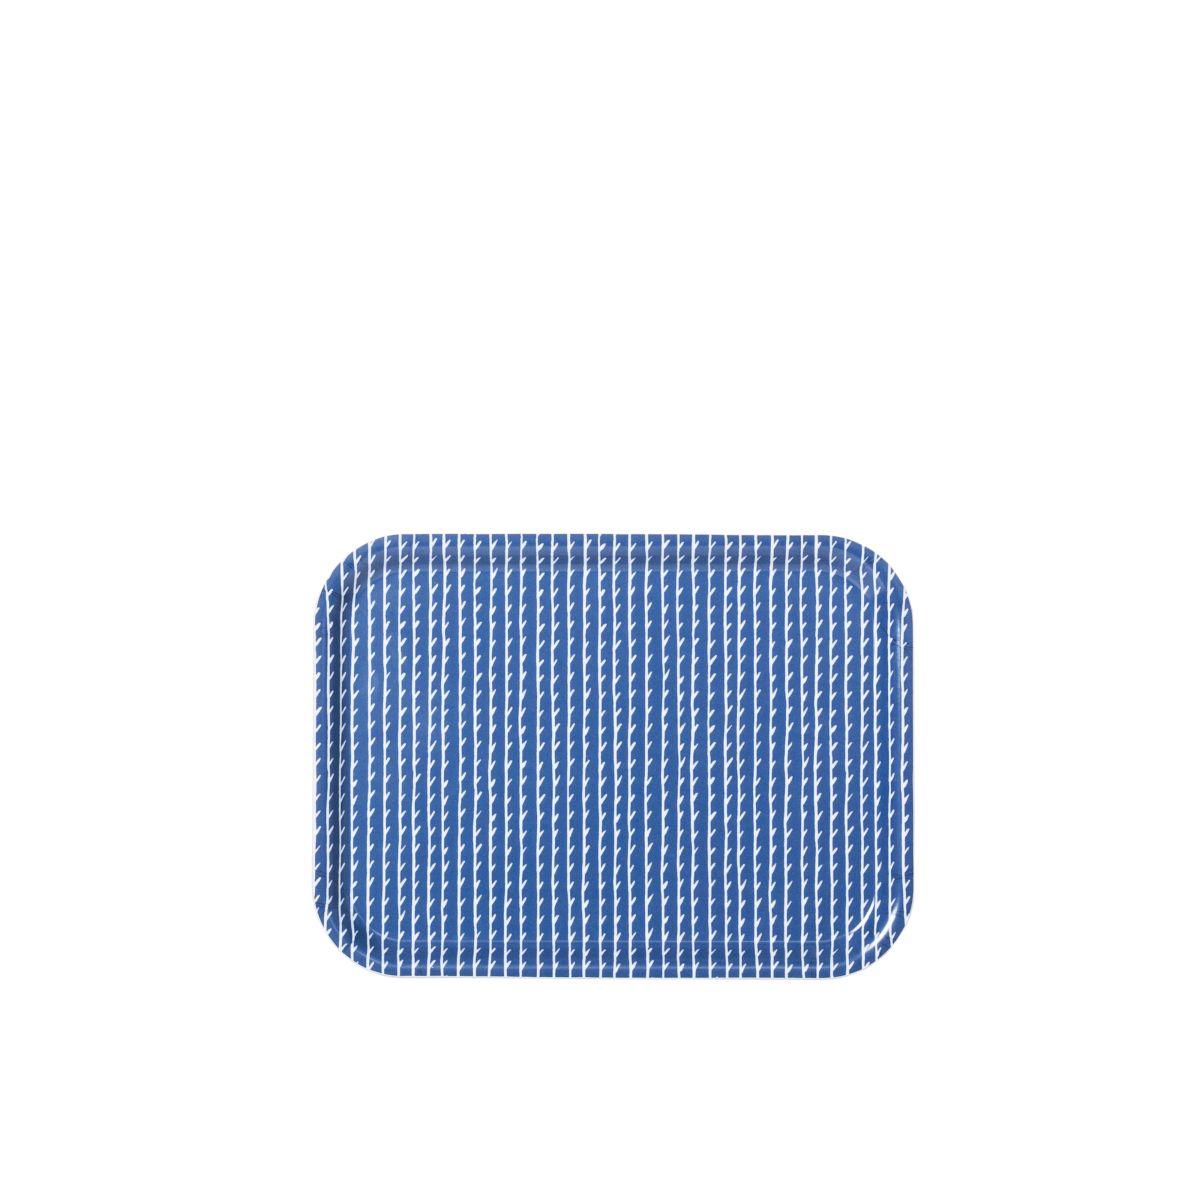 Rivi Tray small blue_white